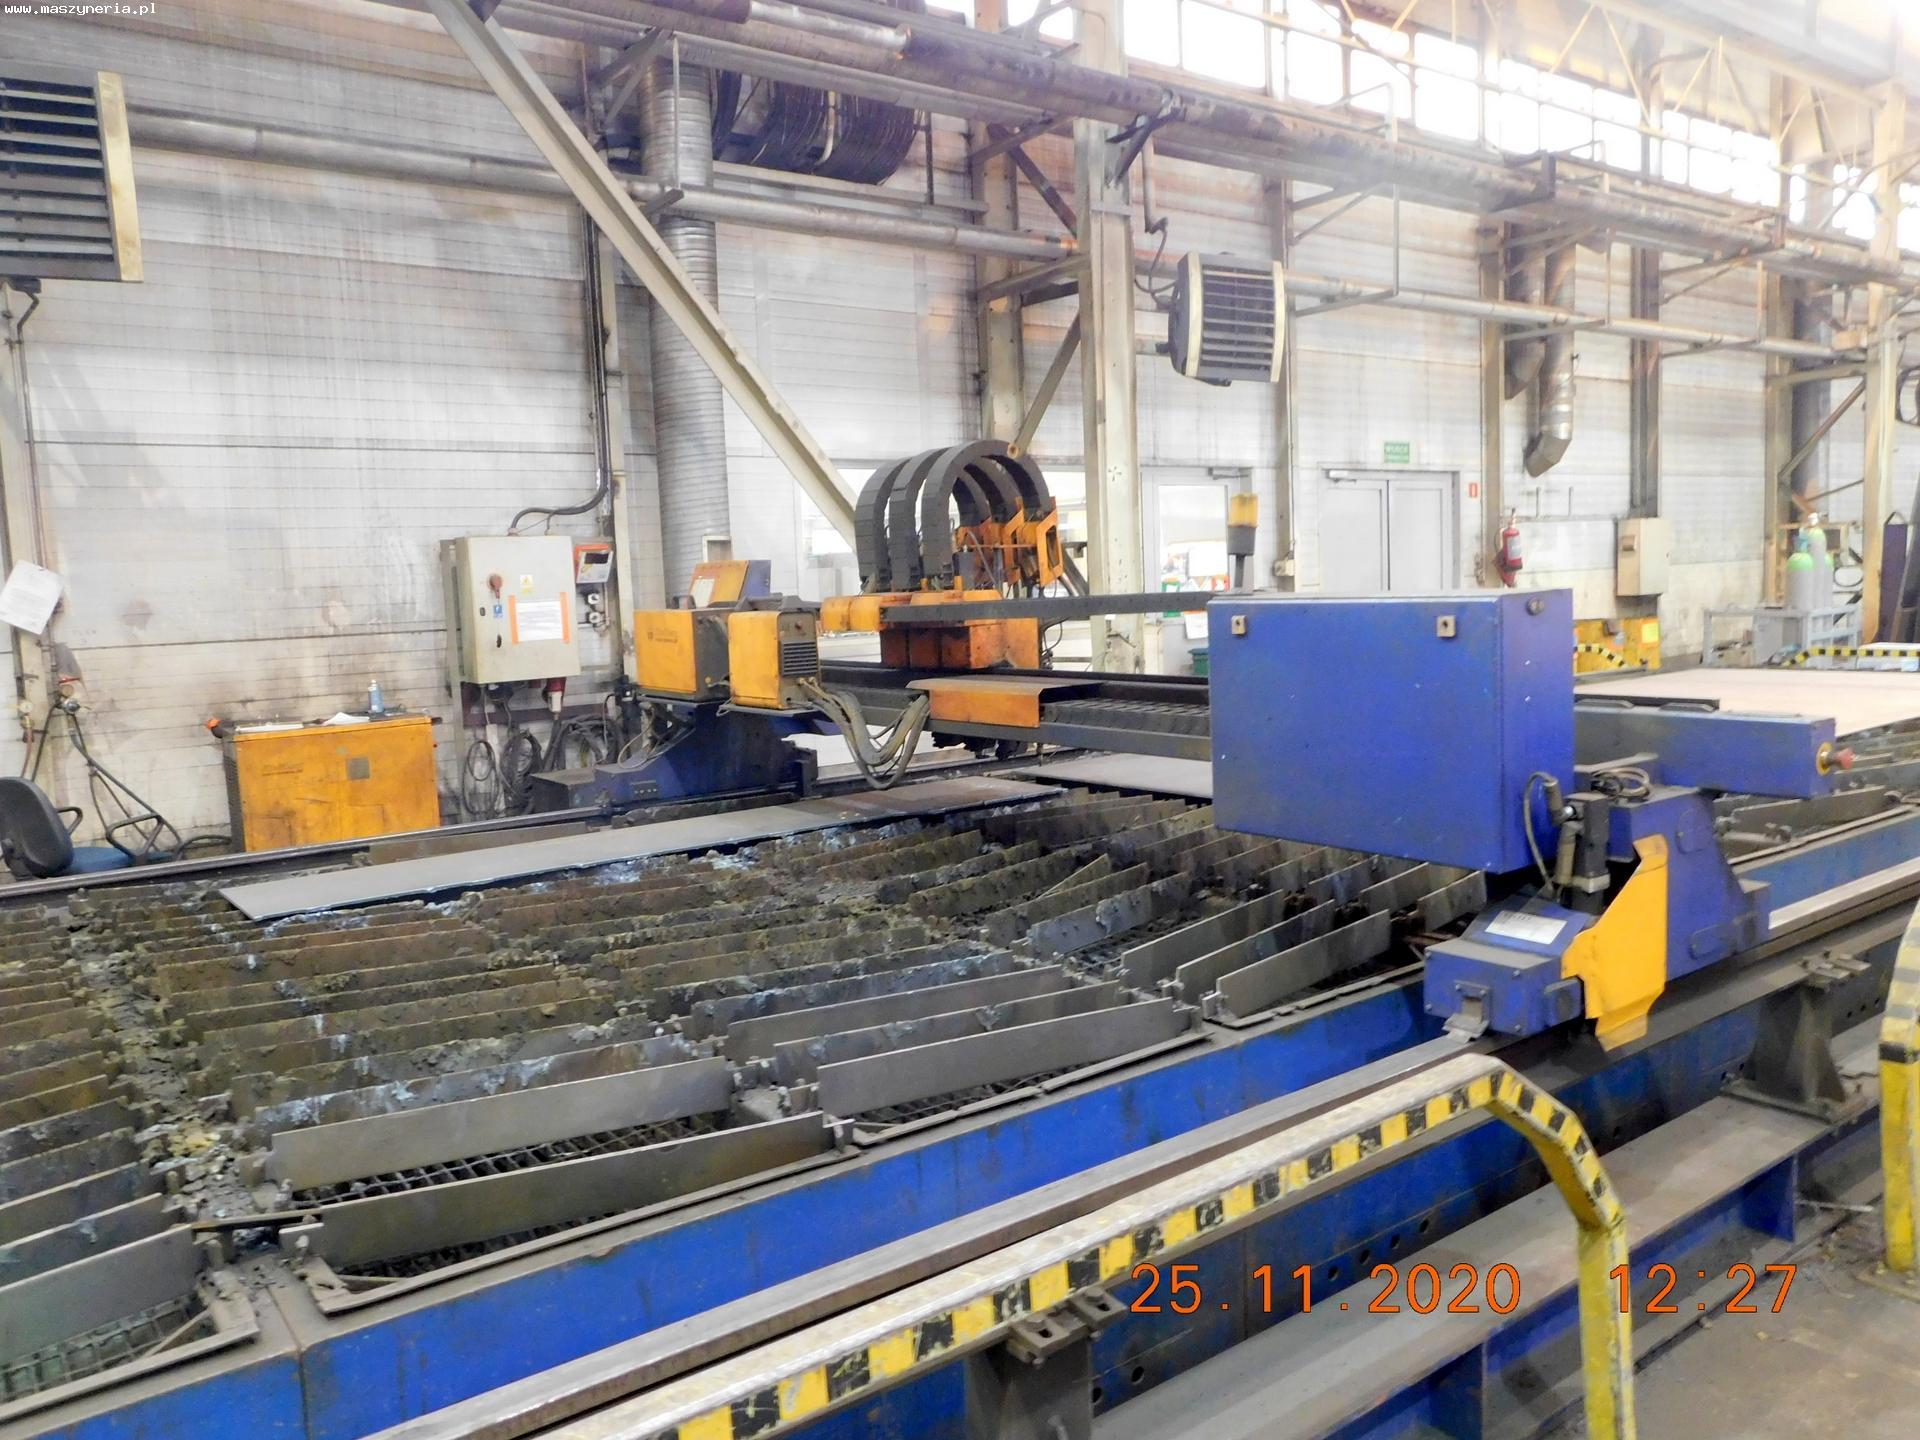 Impianto taglio plasma e ossitaglio ECKERT JANTAR 2 in vendita - foto 4